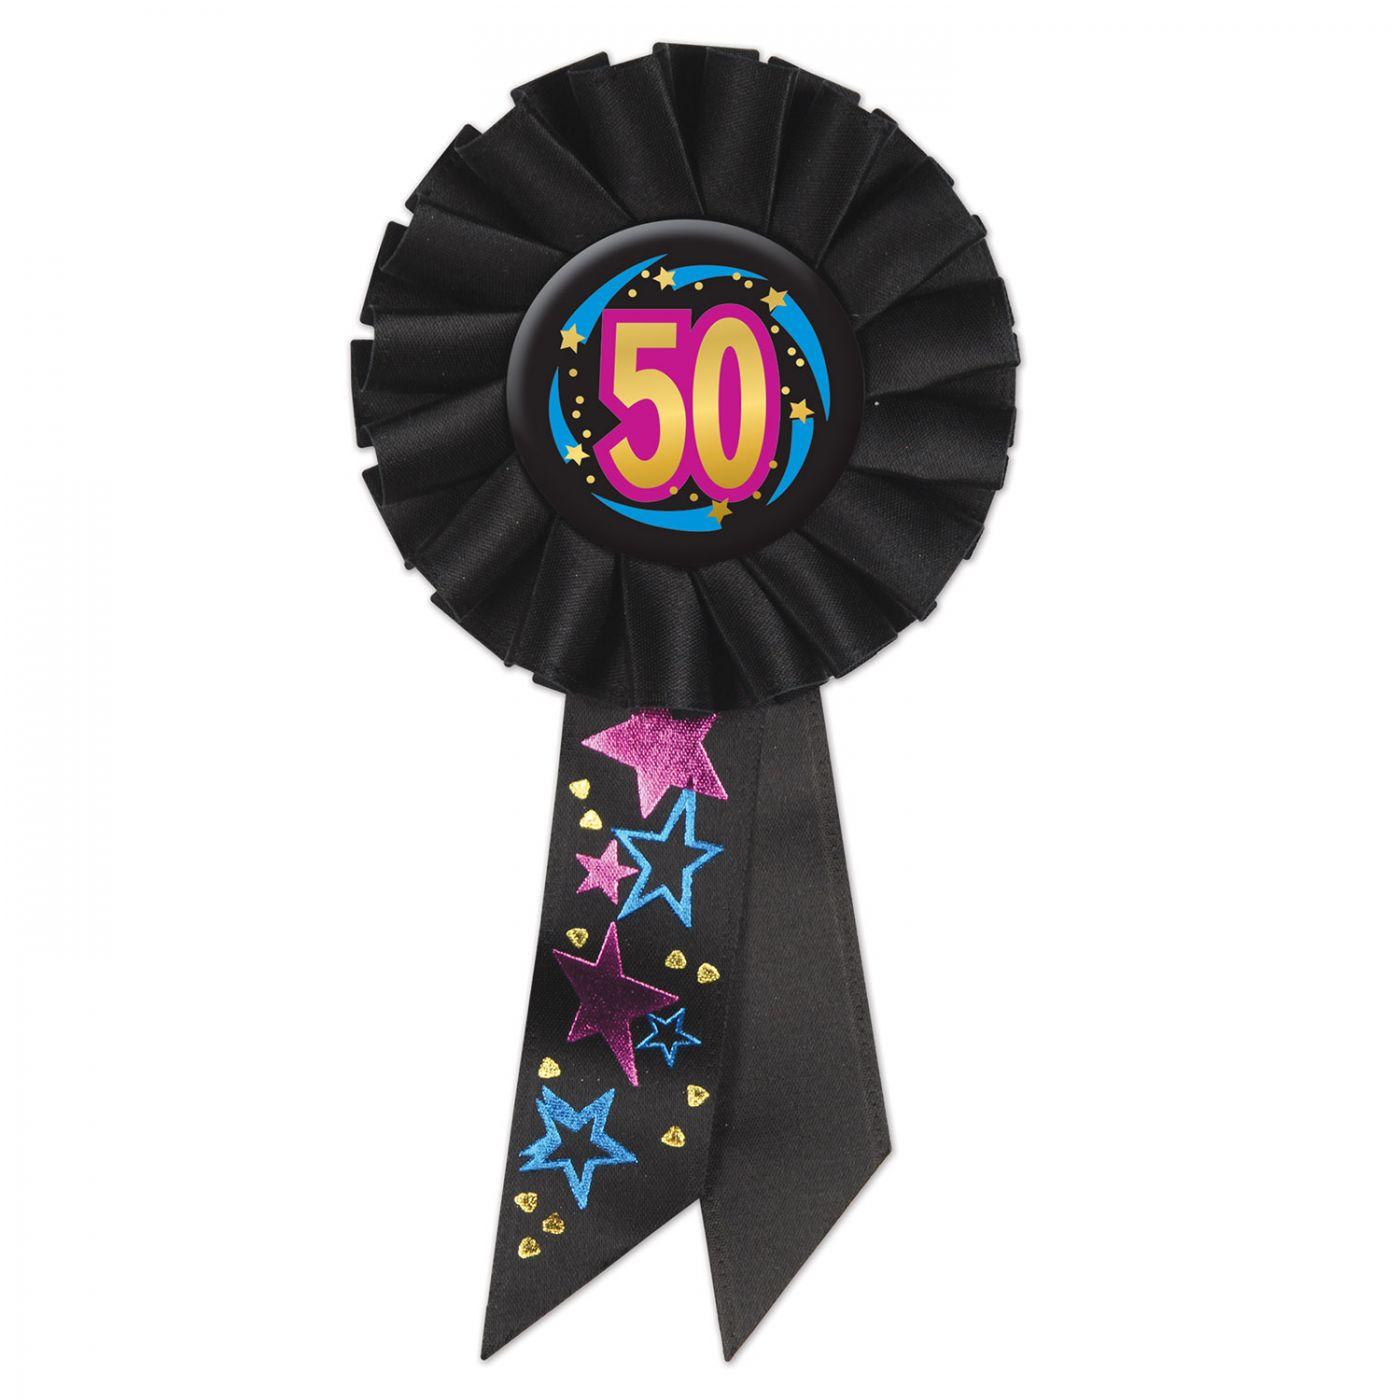 Image of 50 Rosette (6)